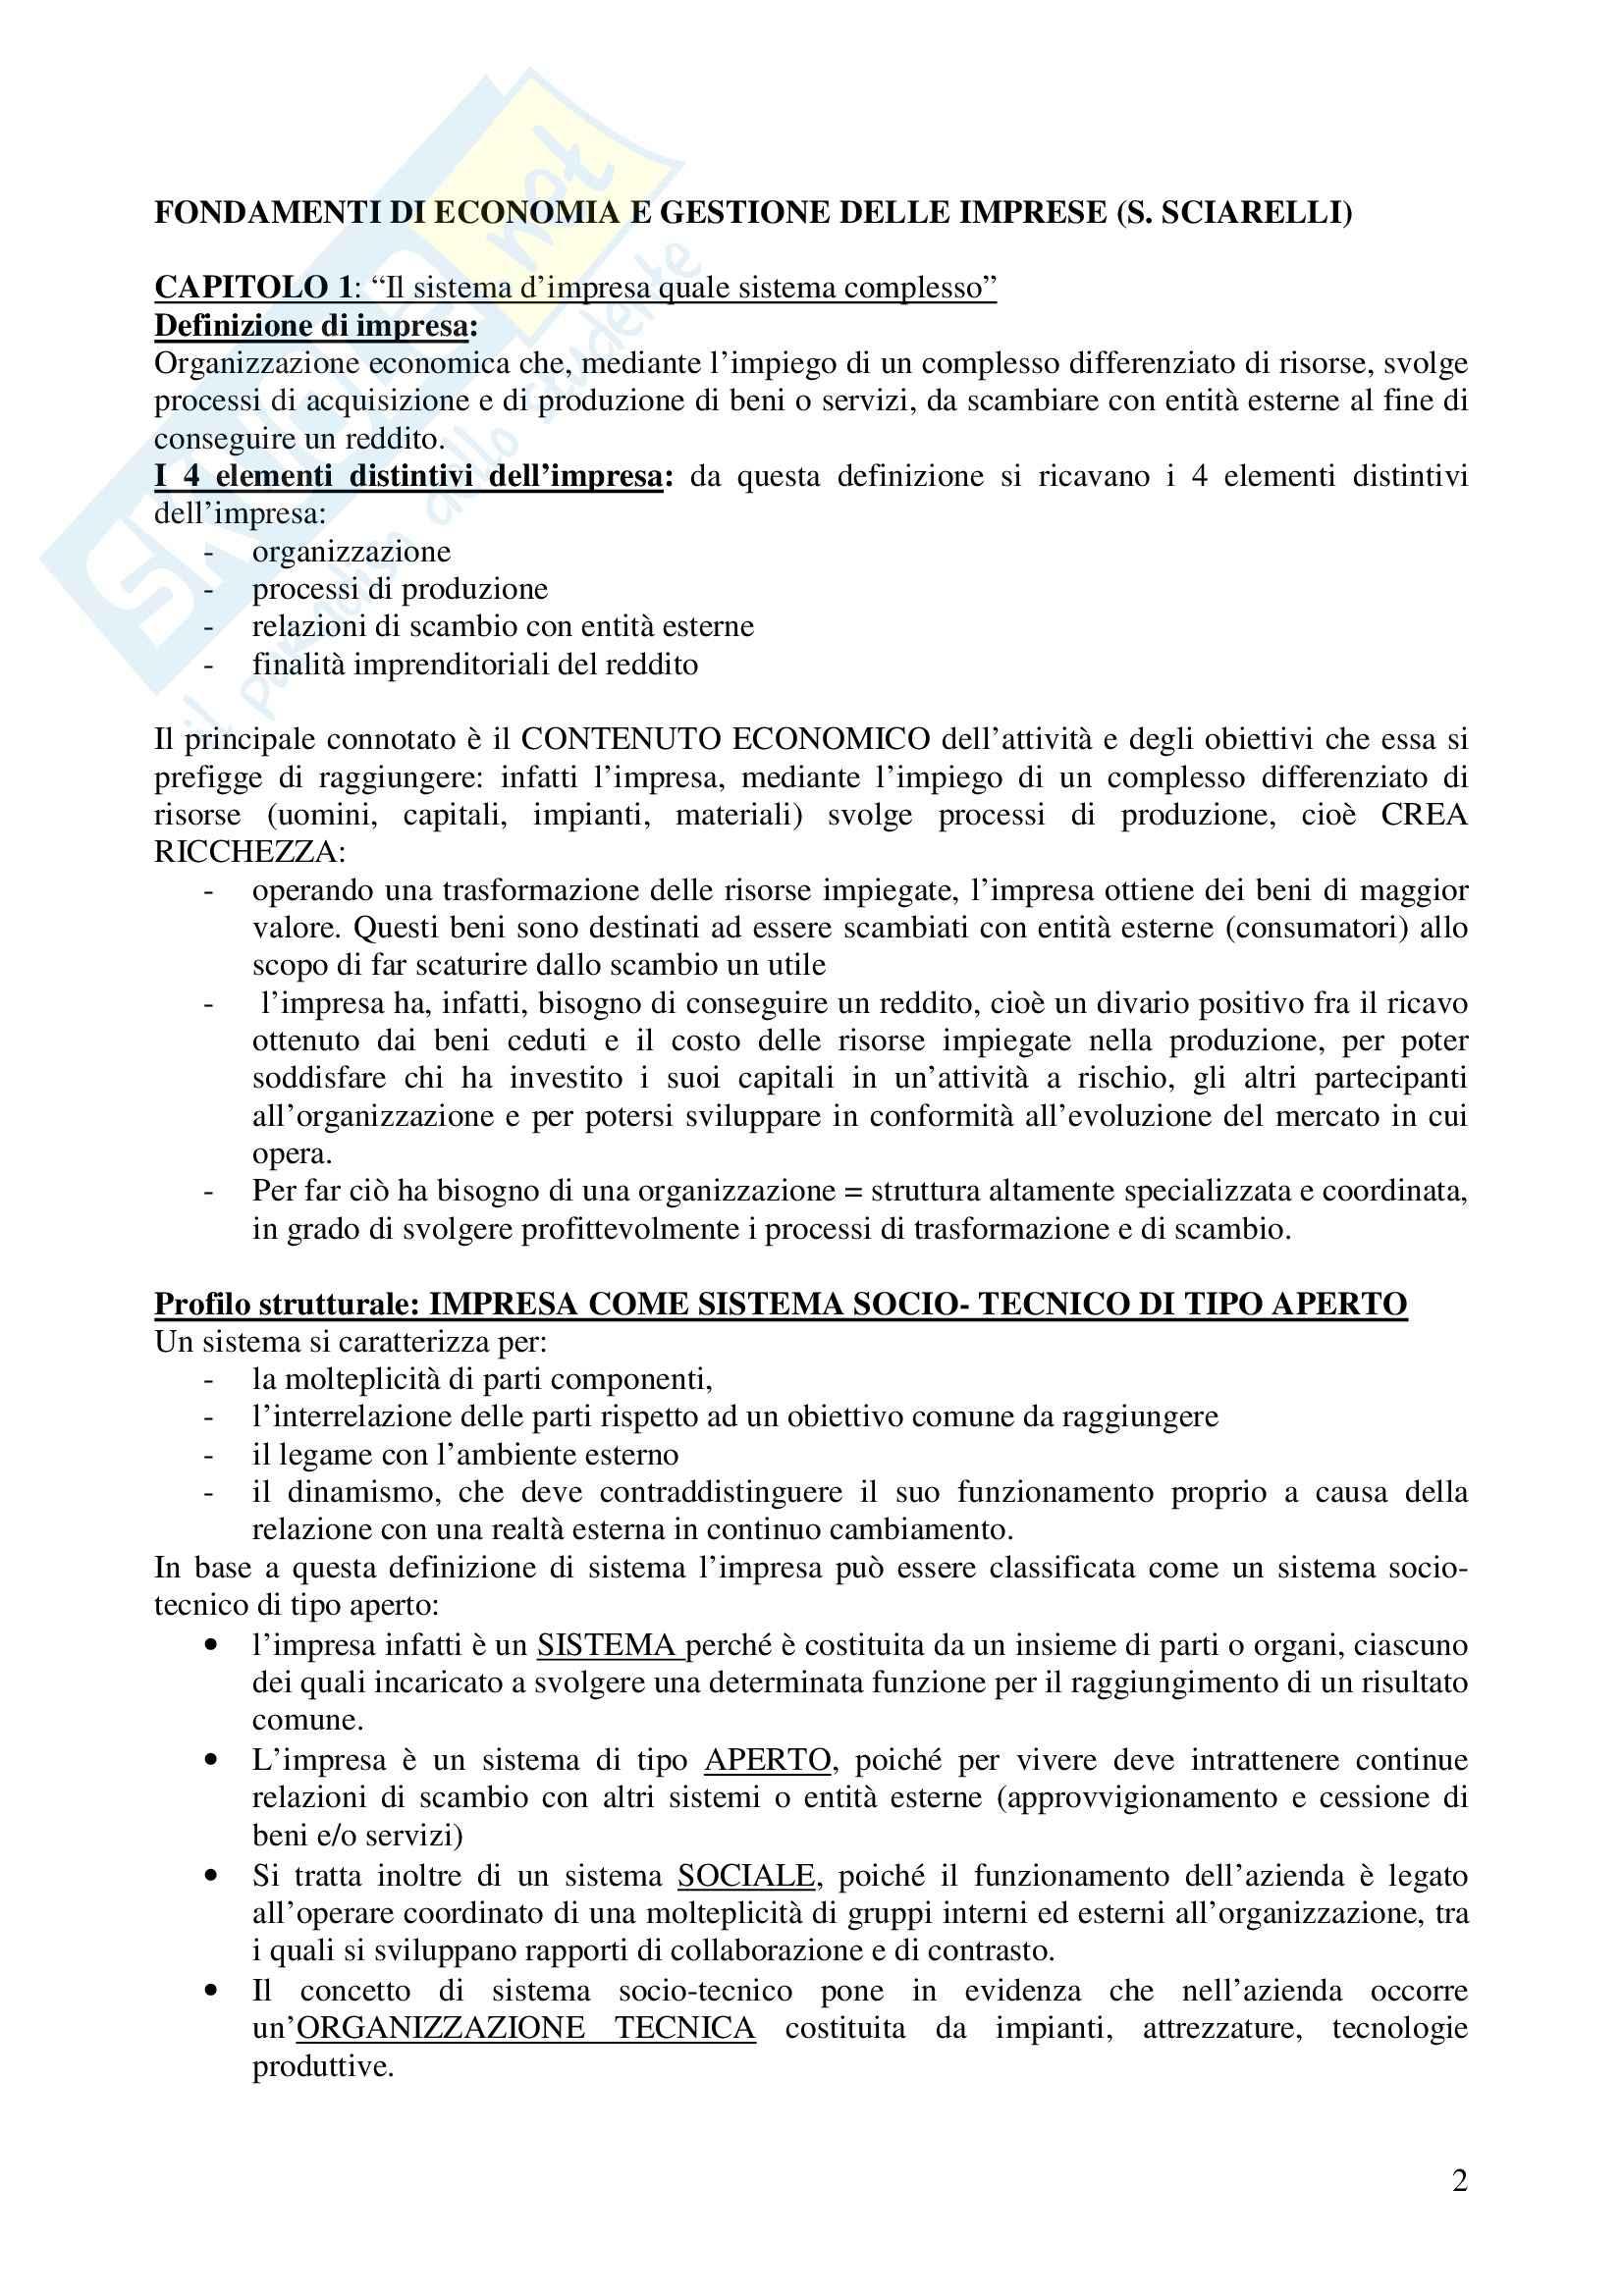 Riassunto esame Economia e gestione delle imprese, prof. Calza, libro consigliato Fondamenti di economia e gestione delle imprese, Sciarelli